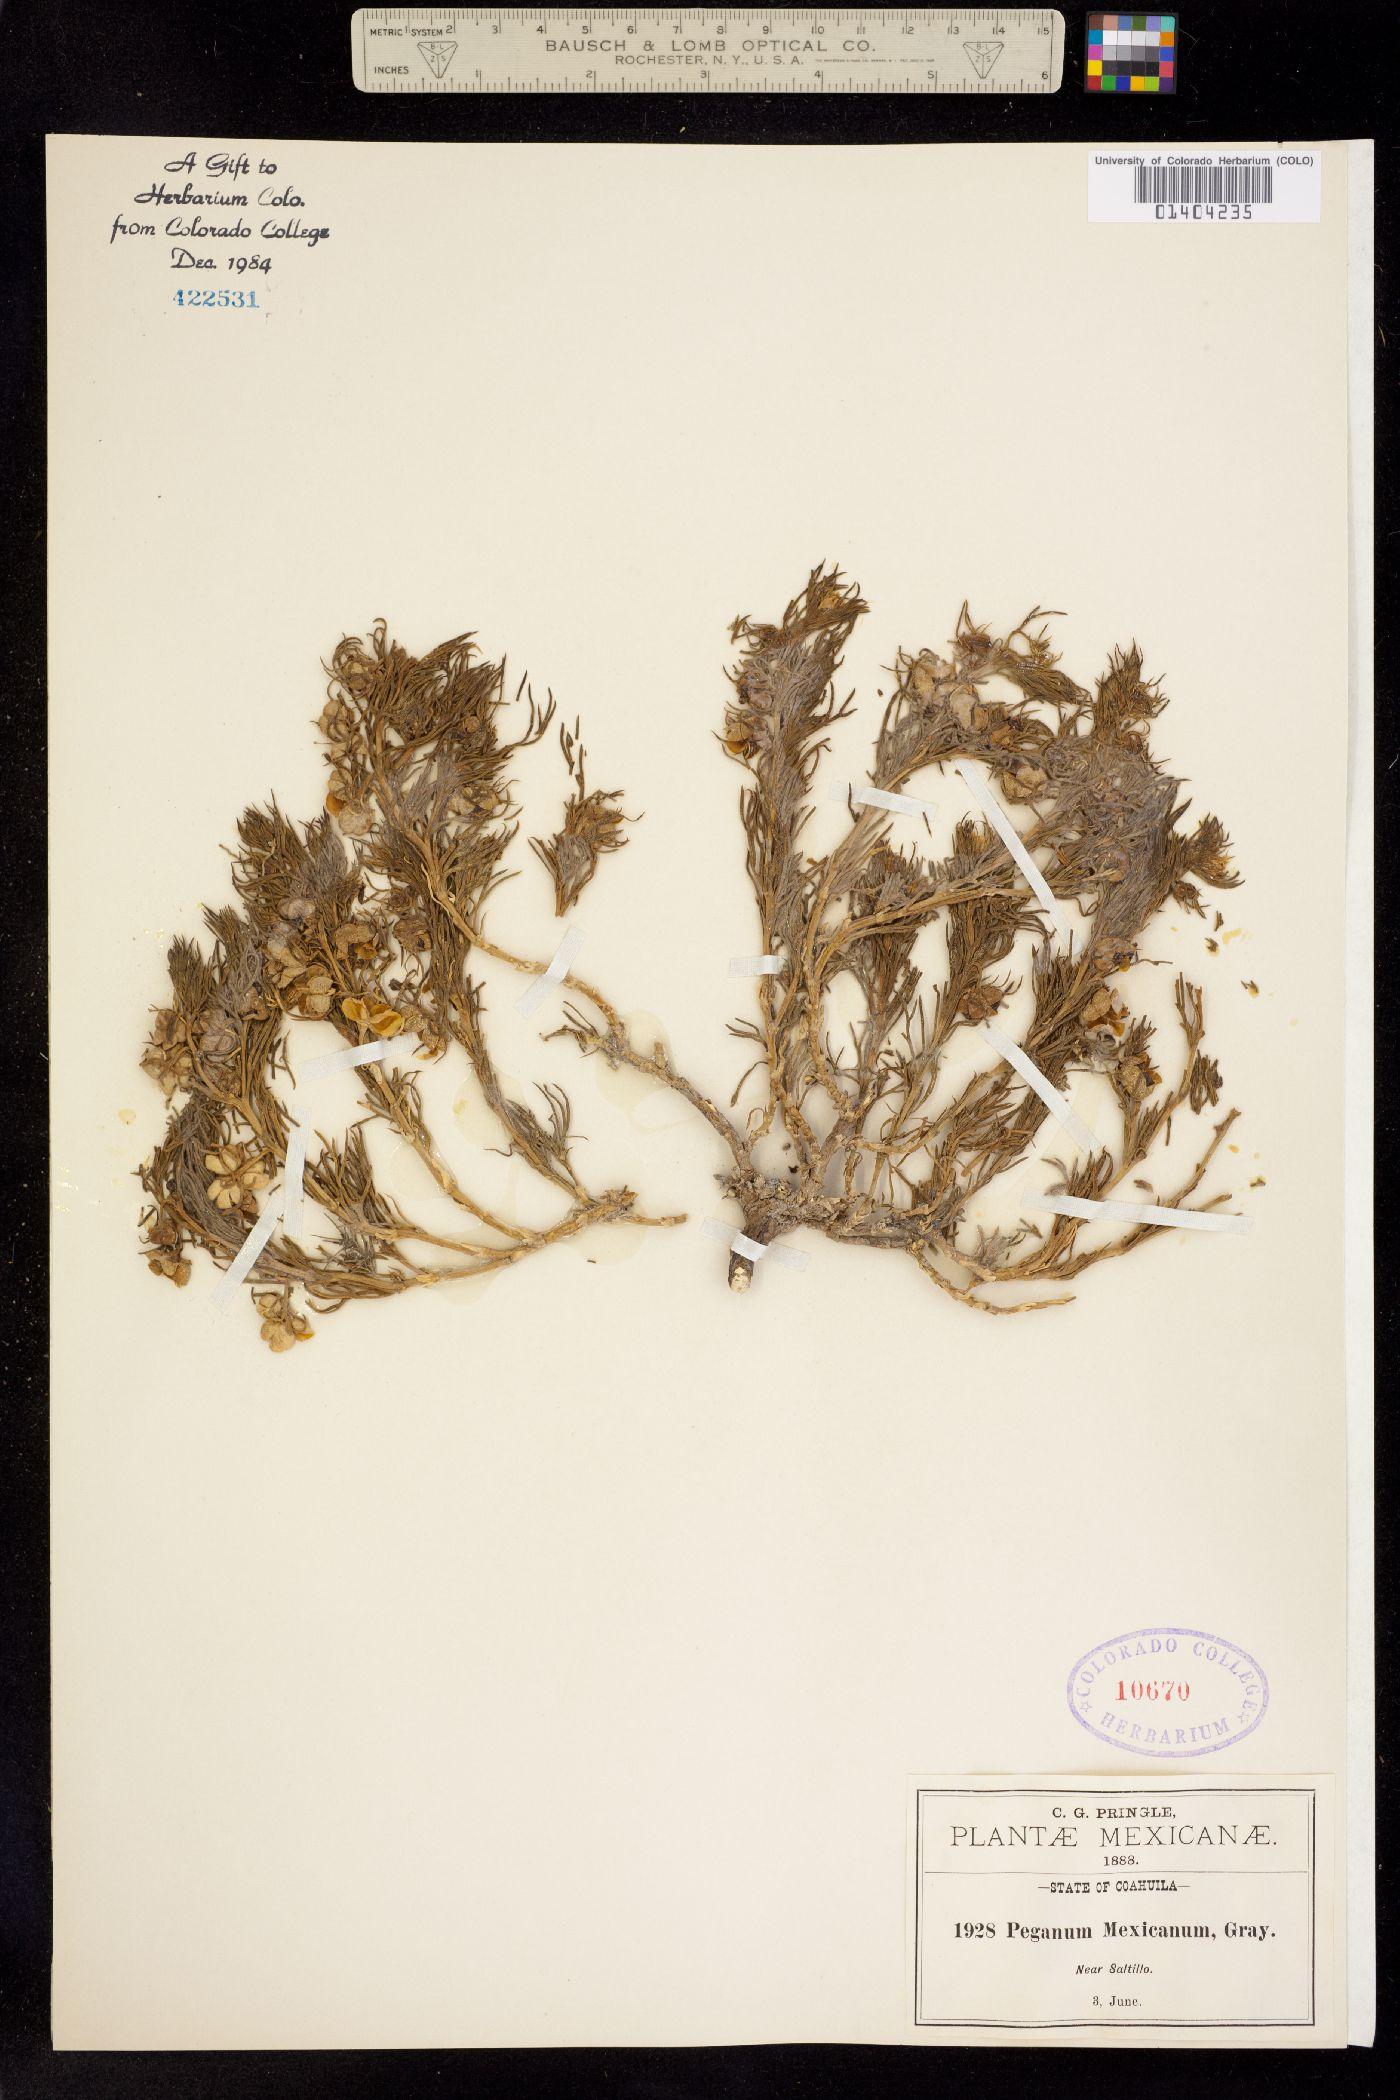 Peganum mexicanum image